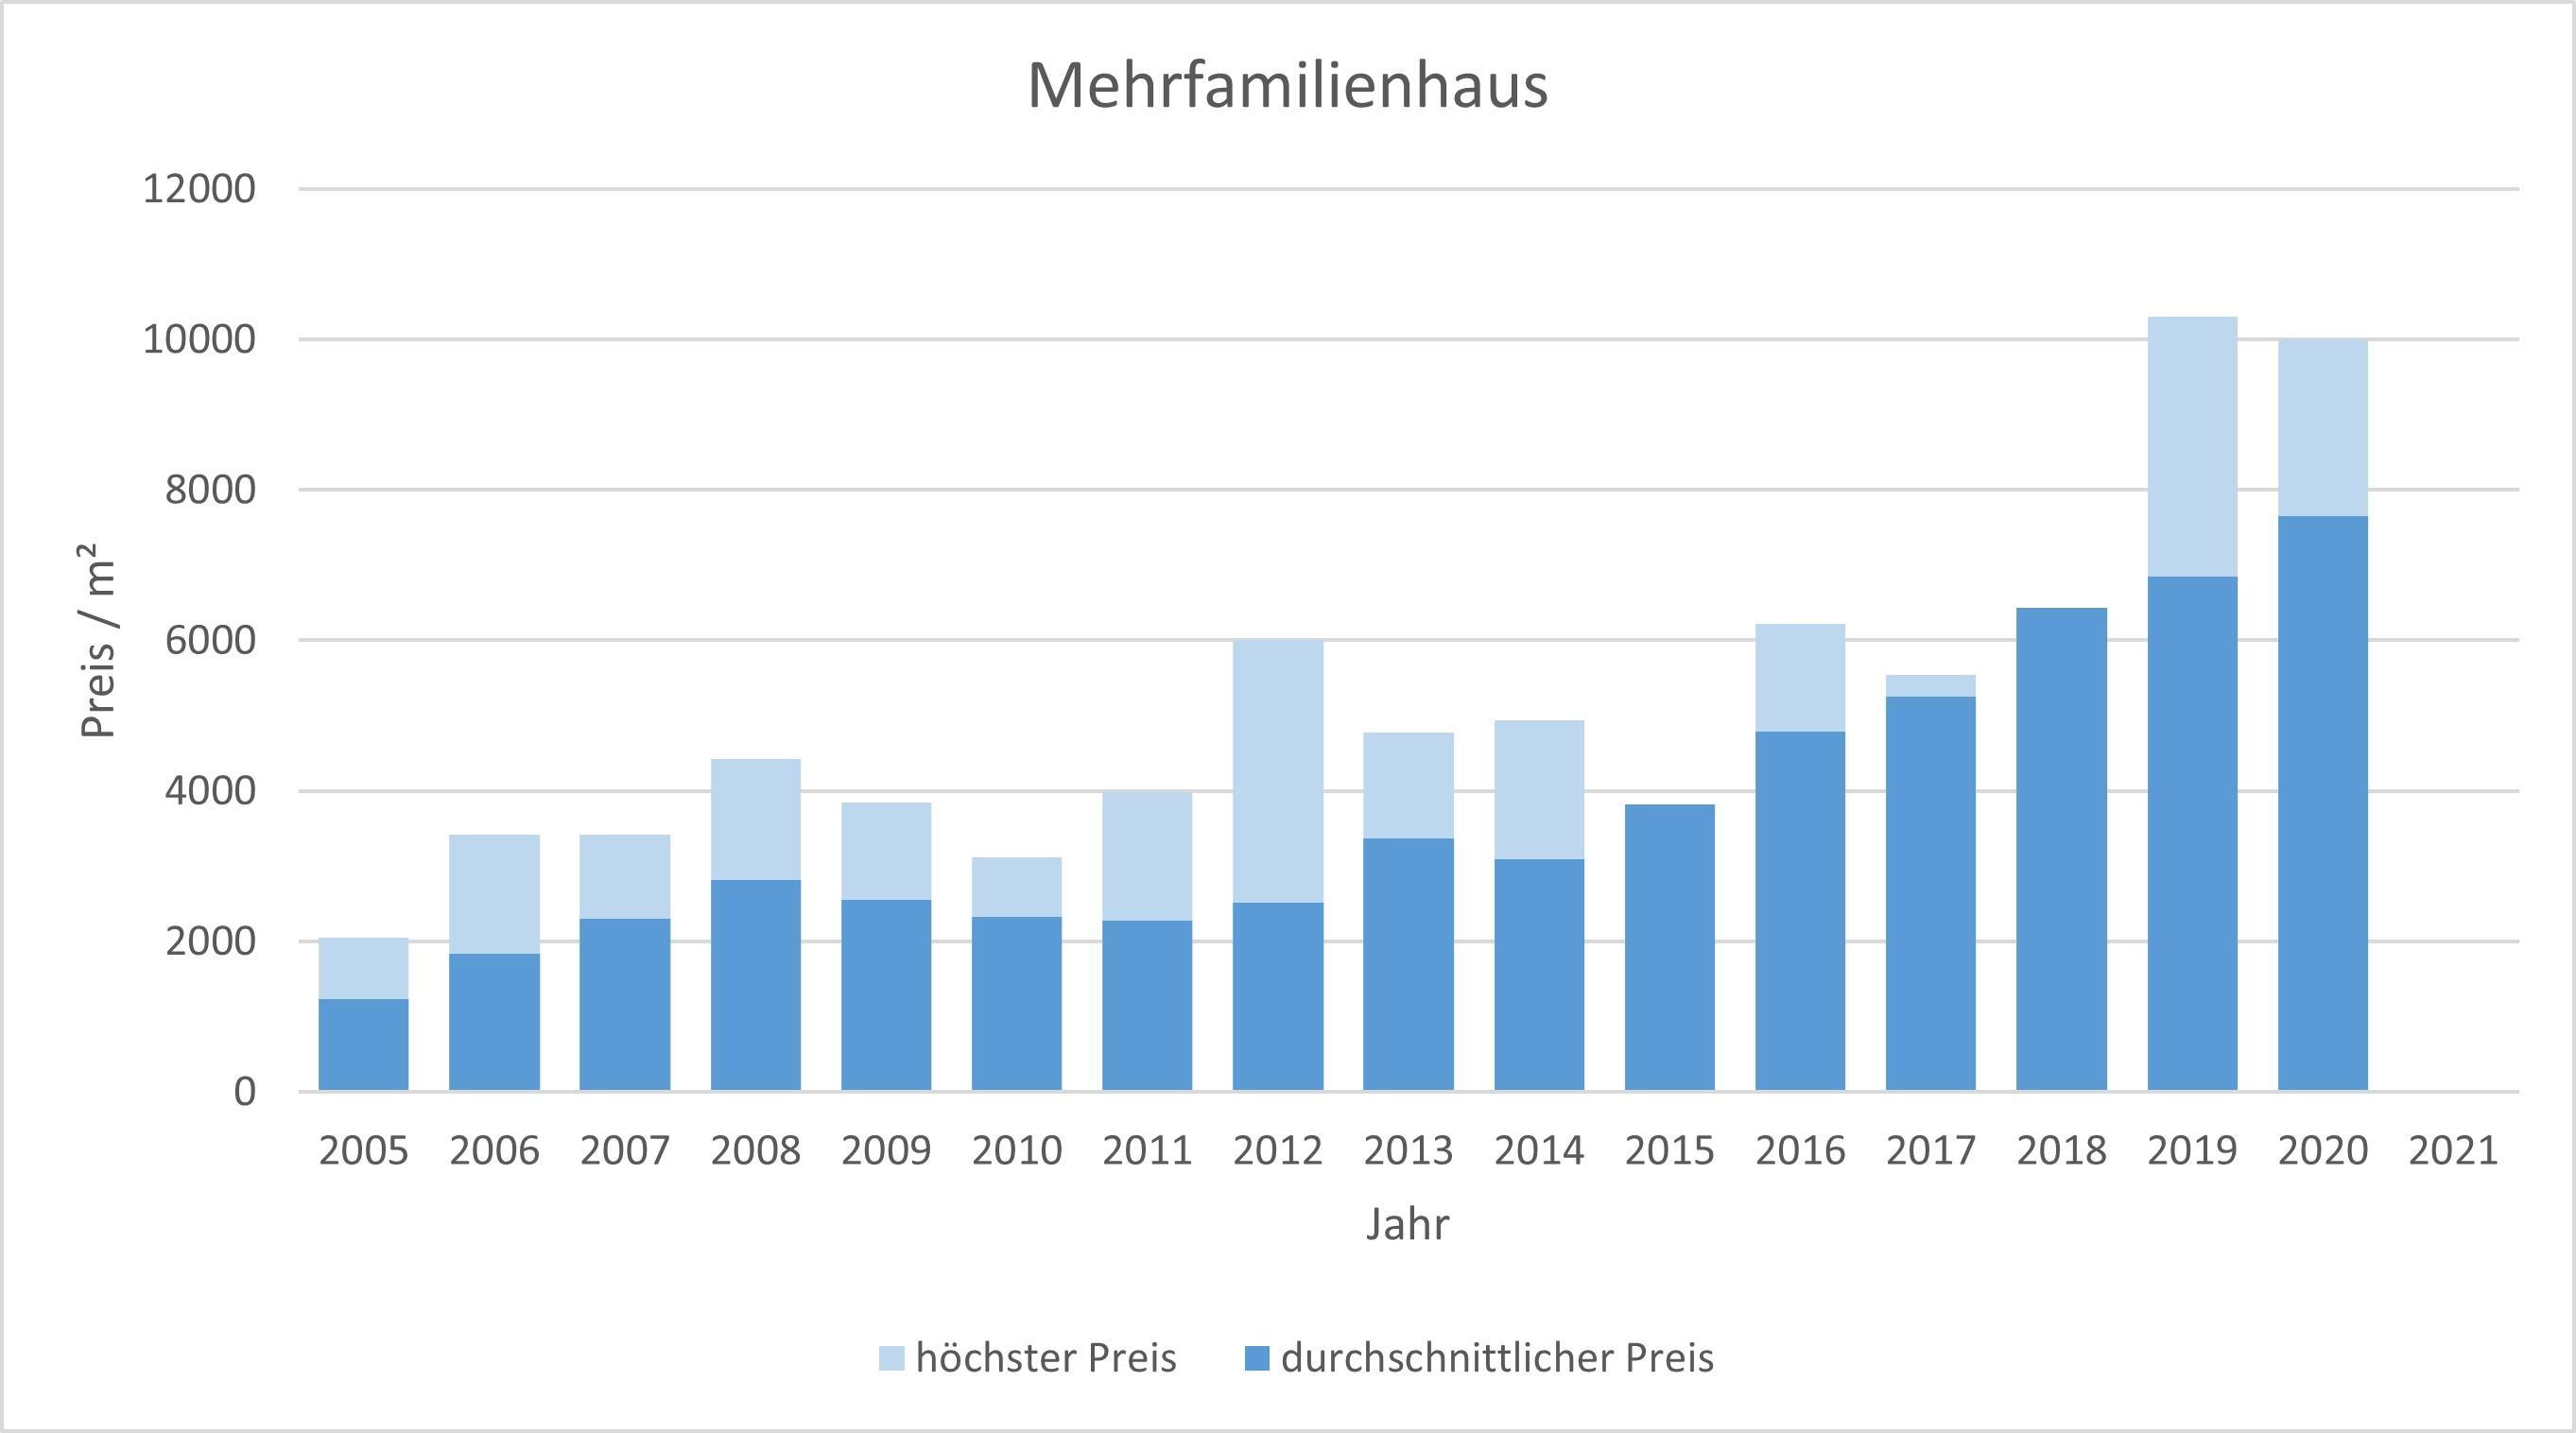 Bad Wiessee Makler Mehrfamilienhaus Kaufen Verkaufen Preis Bewertung 2019, 2020, 2021